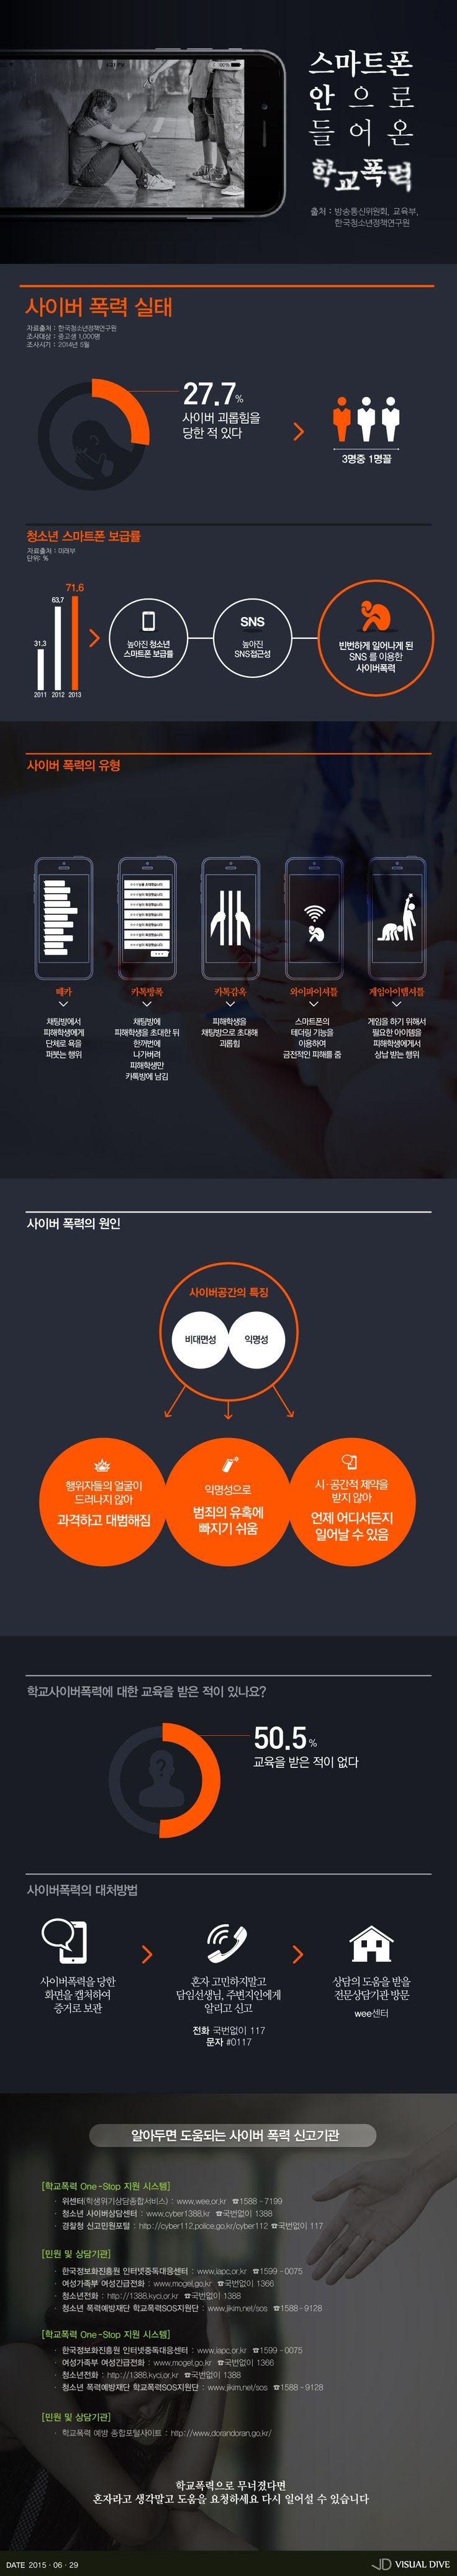 떼카·카톡방폭…스마트폰으로 들어온 학교 폭력 [인포그래픽] #Violence / #Infographic ⓒ 비주얼다이브 무단 복사·전재·재배포 금지